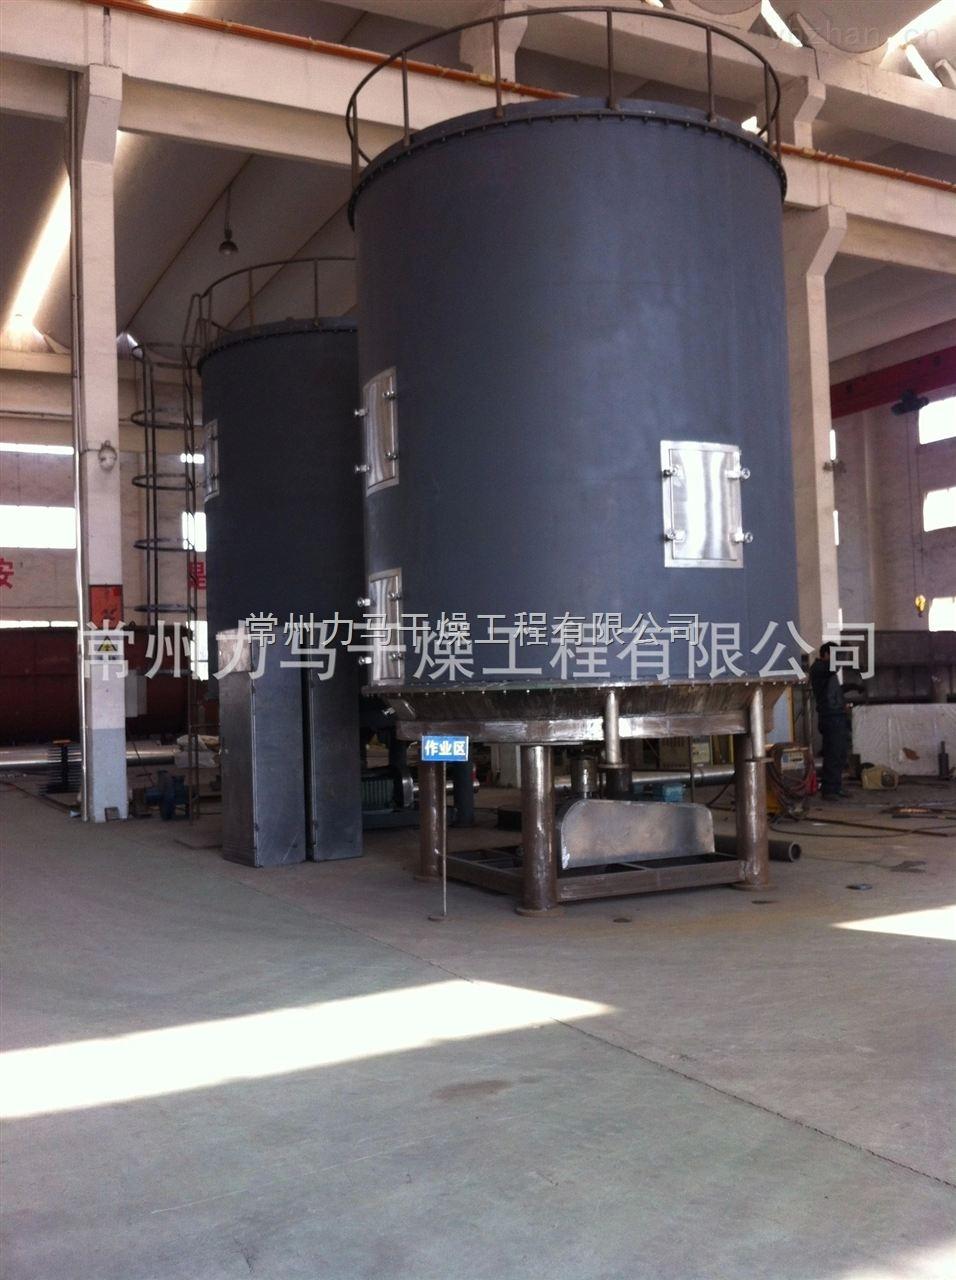 PLG-φ1200×8氧化铁黑盘式干燥器